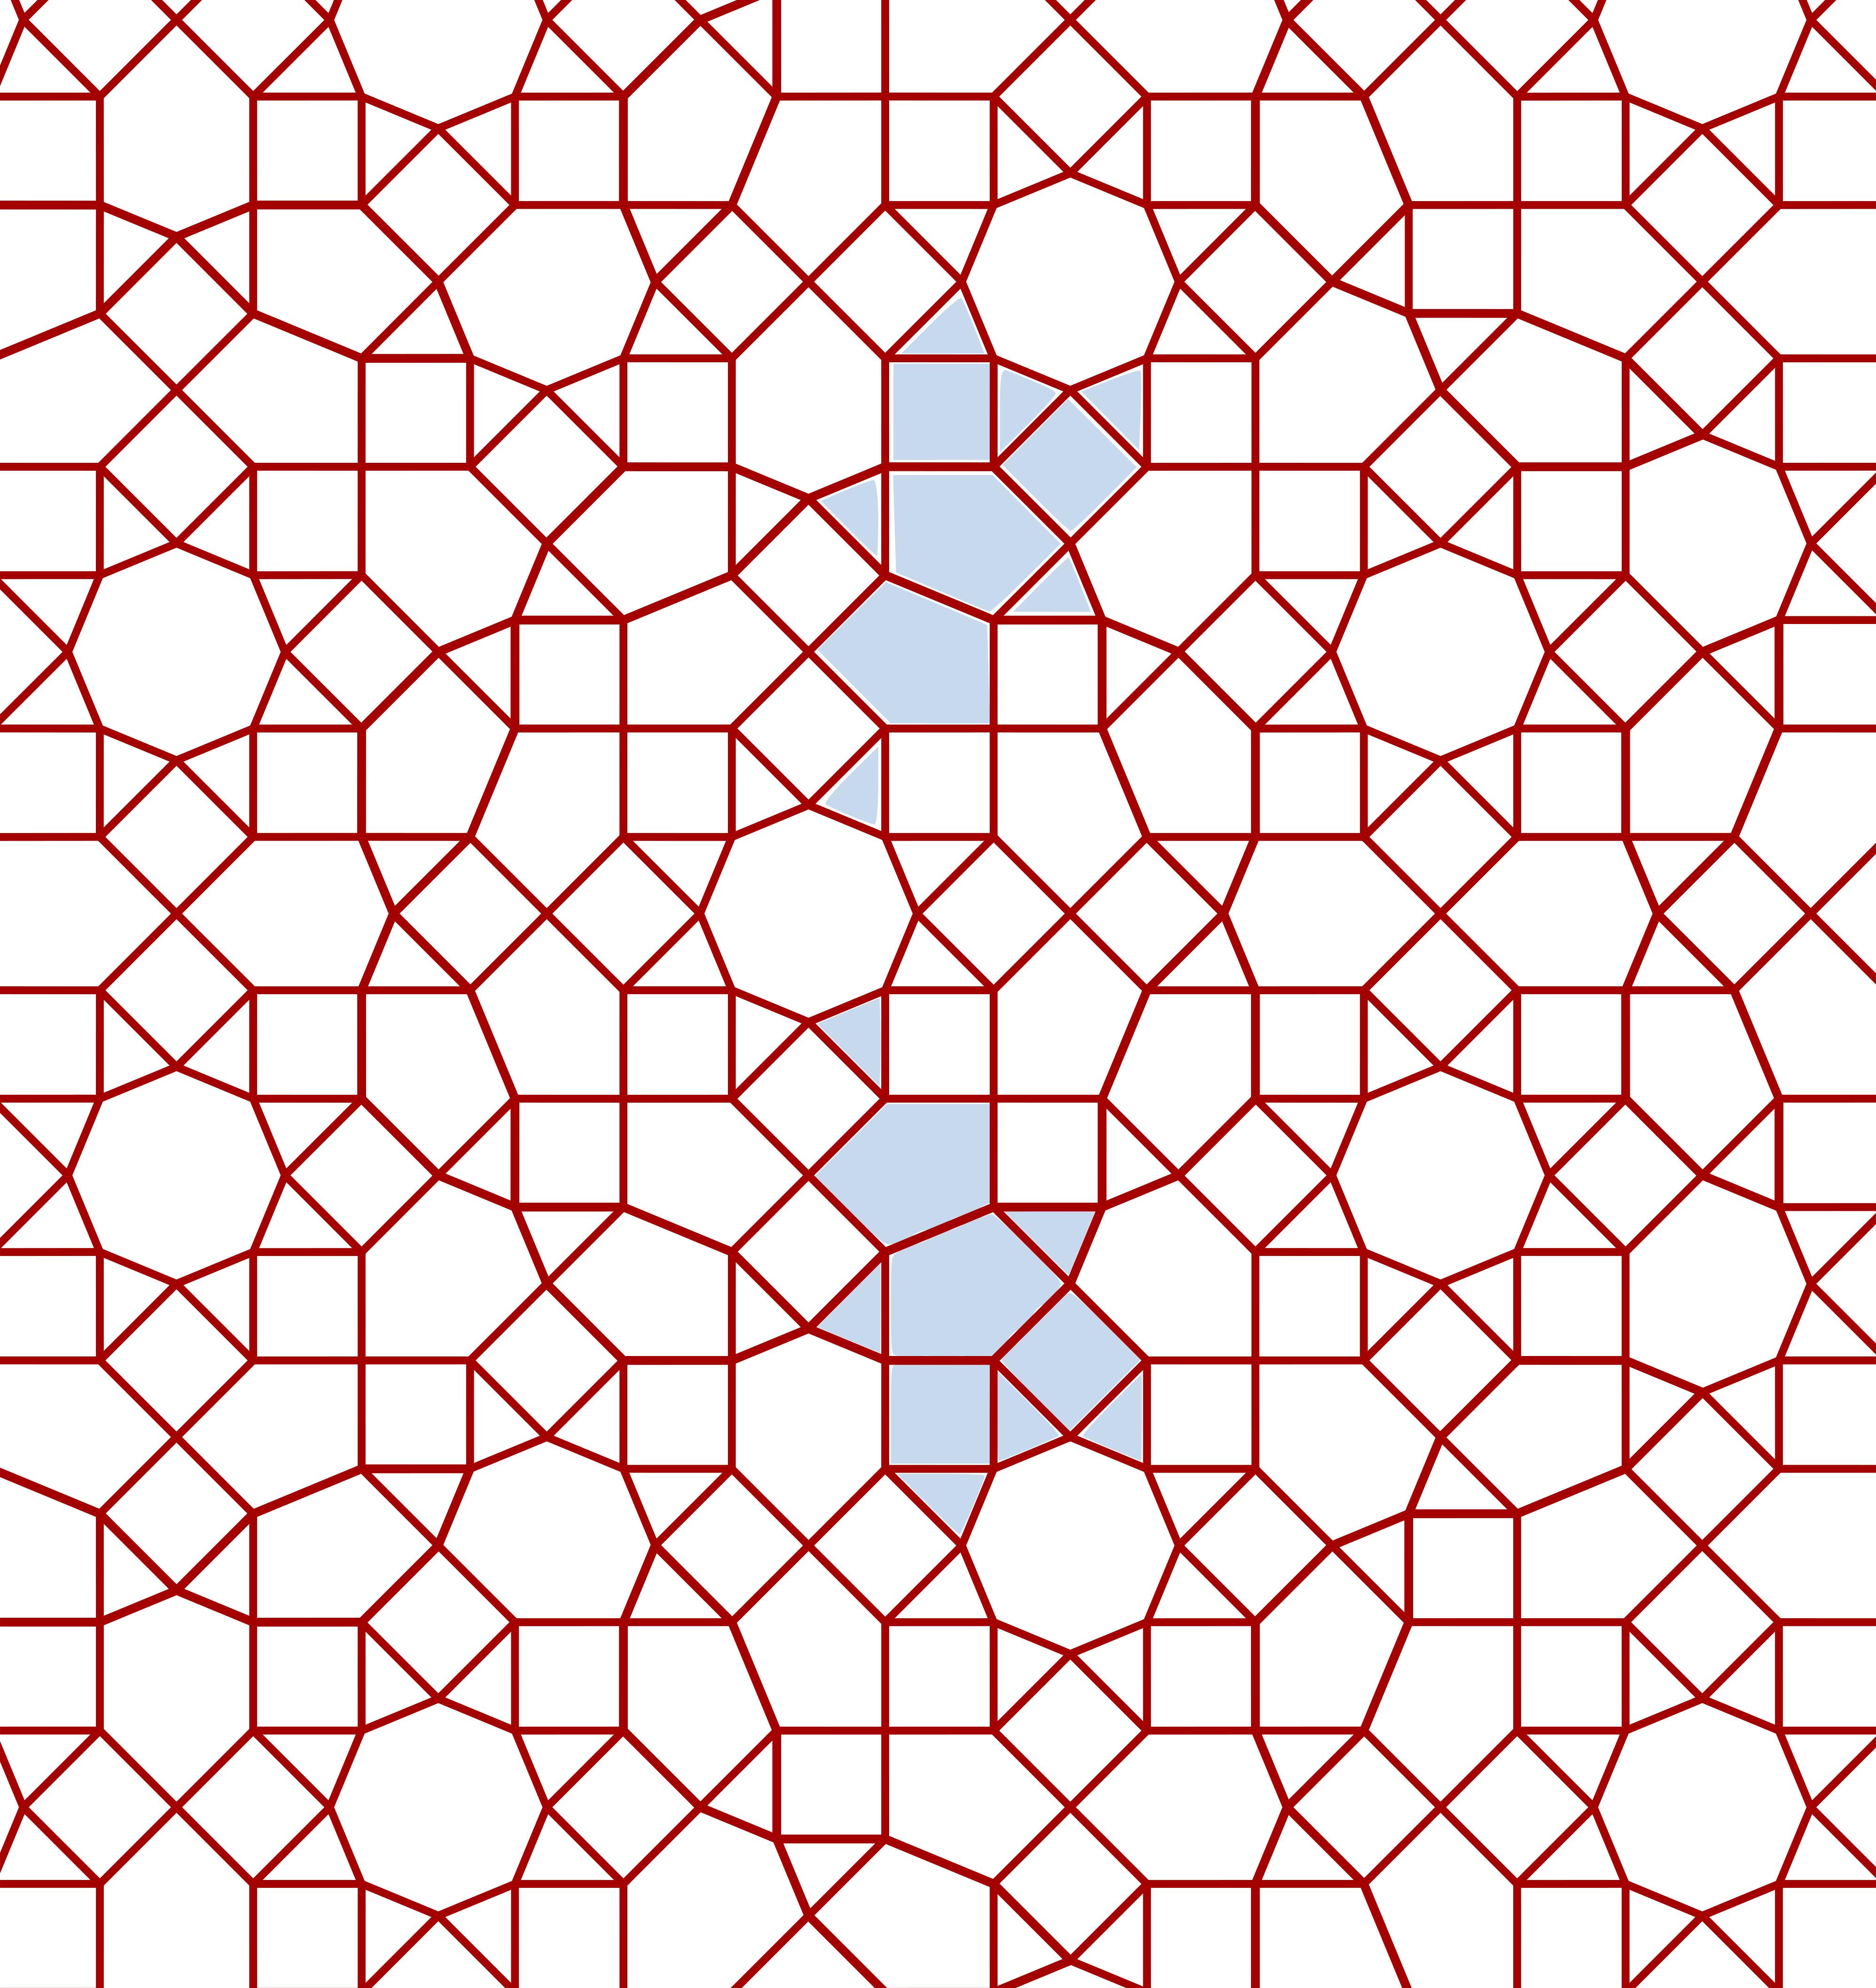 fig5_ammann_beenker_lace_pattern